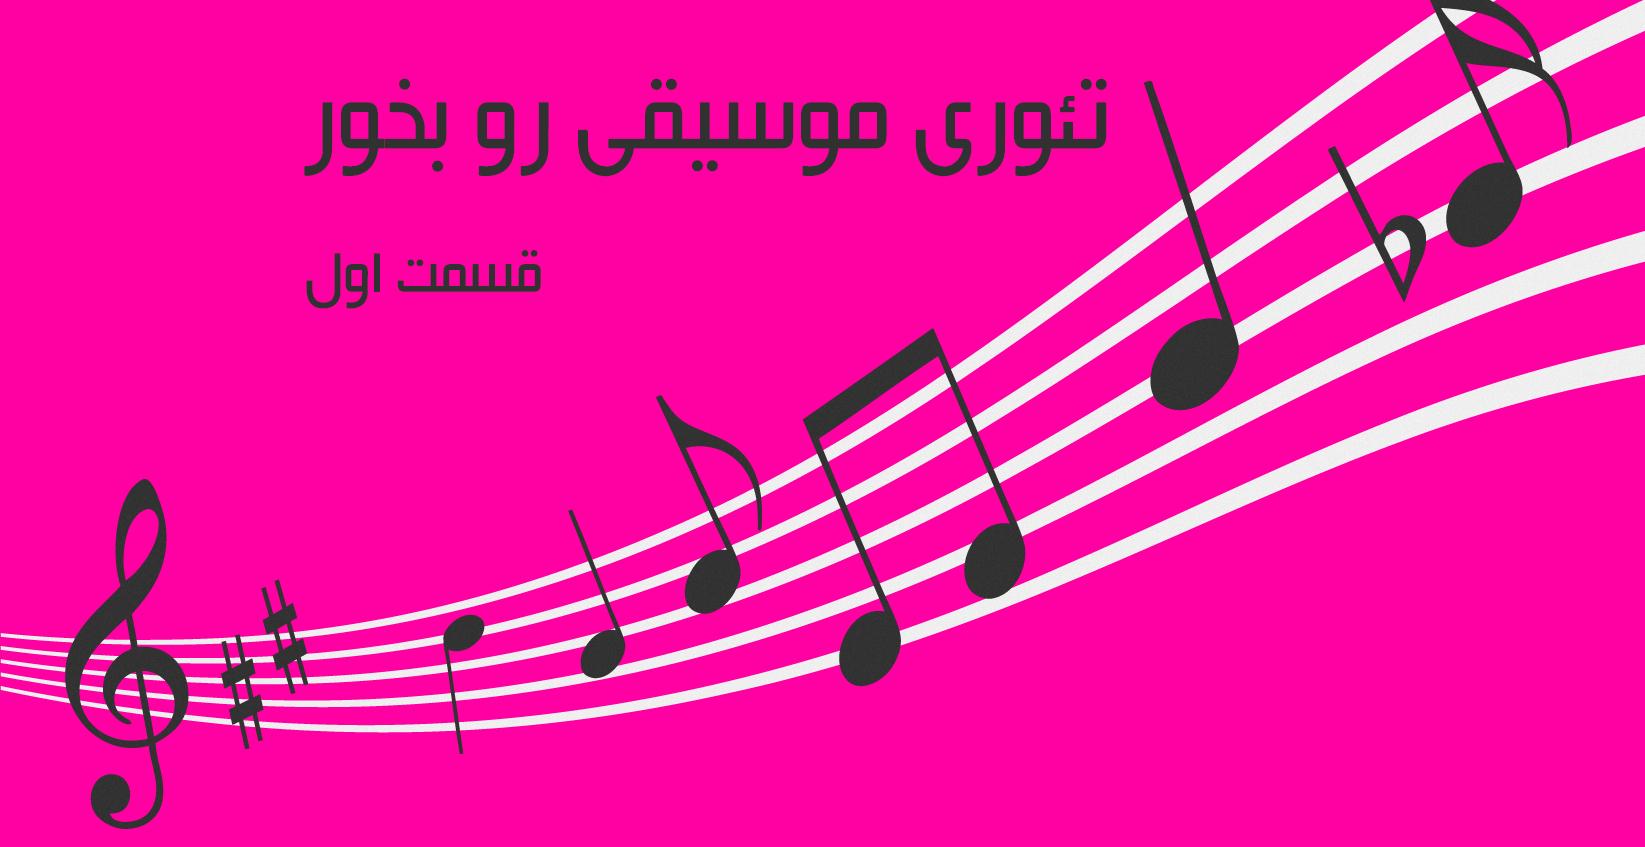 موسیقی رو بُخور-قسمت1